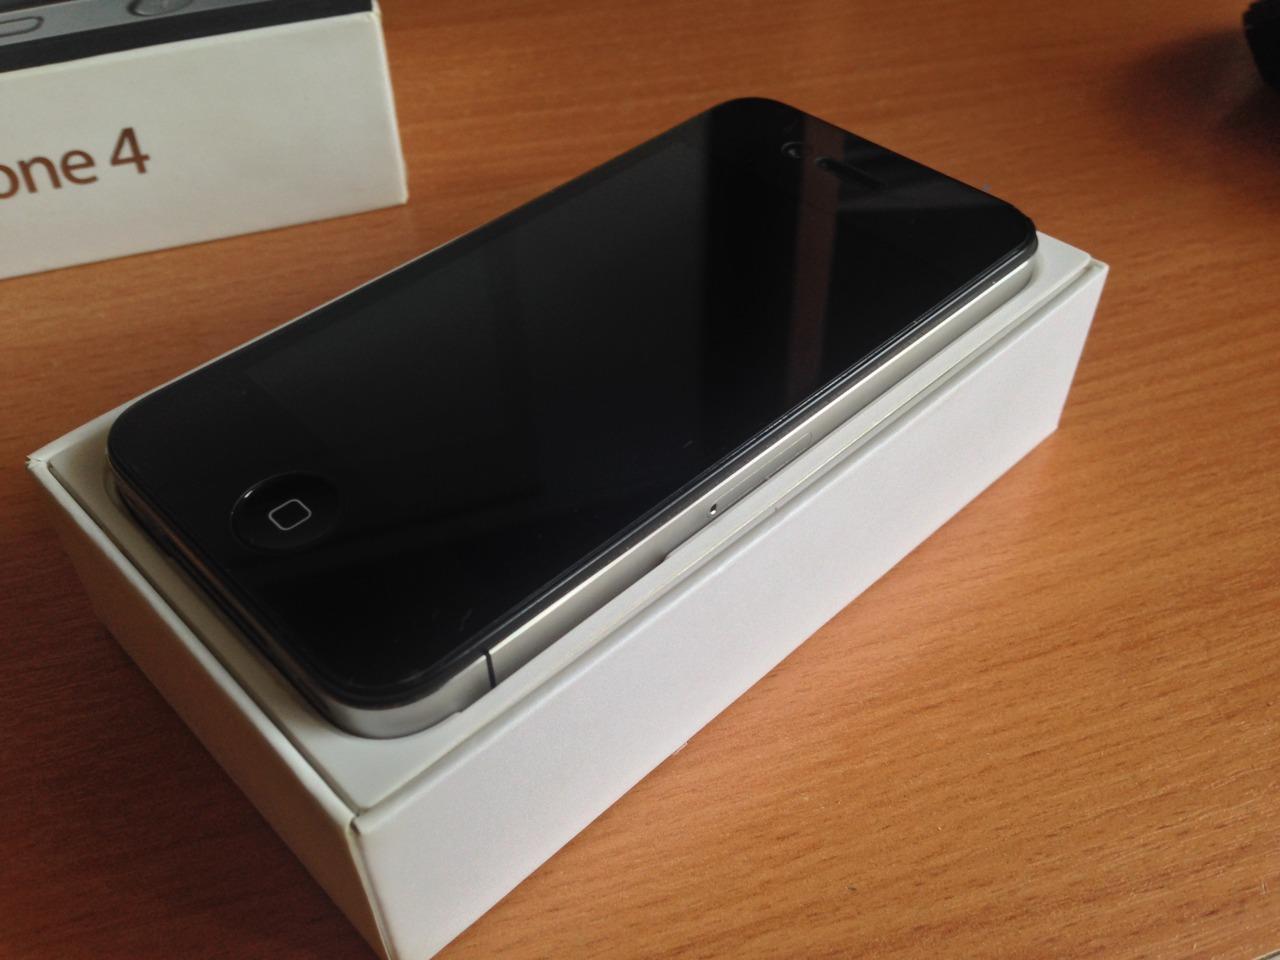 iphone 4. Black Bedroom Furniture Sets. Home Design Ideas